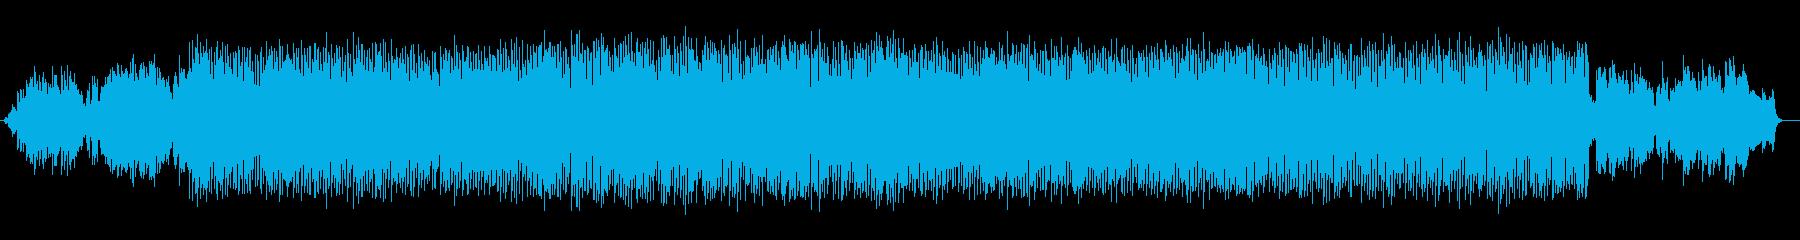 ゆったりしたメロディが感動的なバラードの再生済みの波形